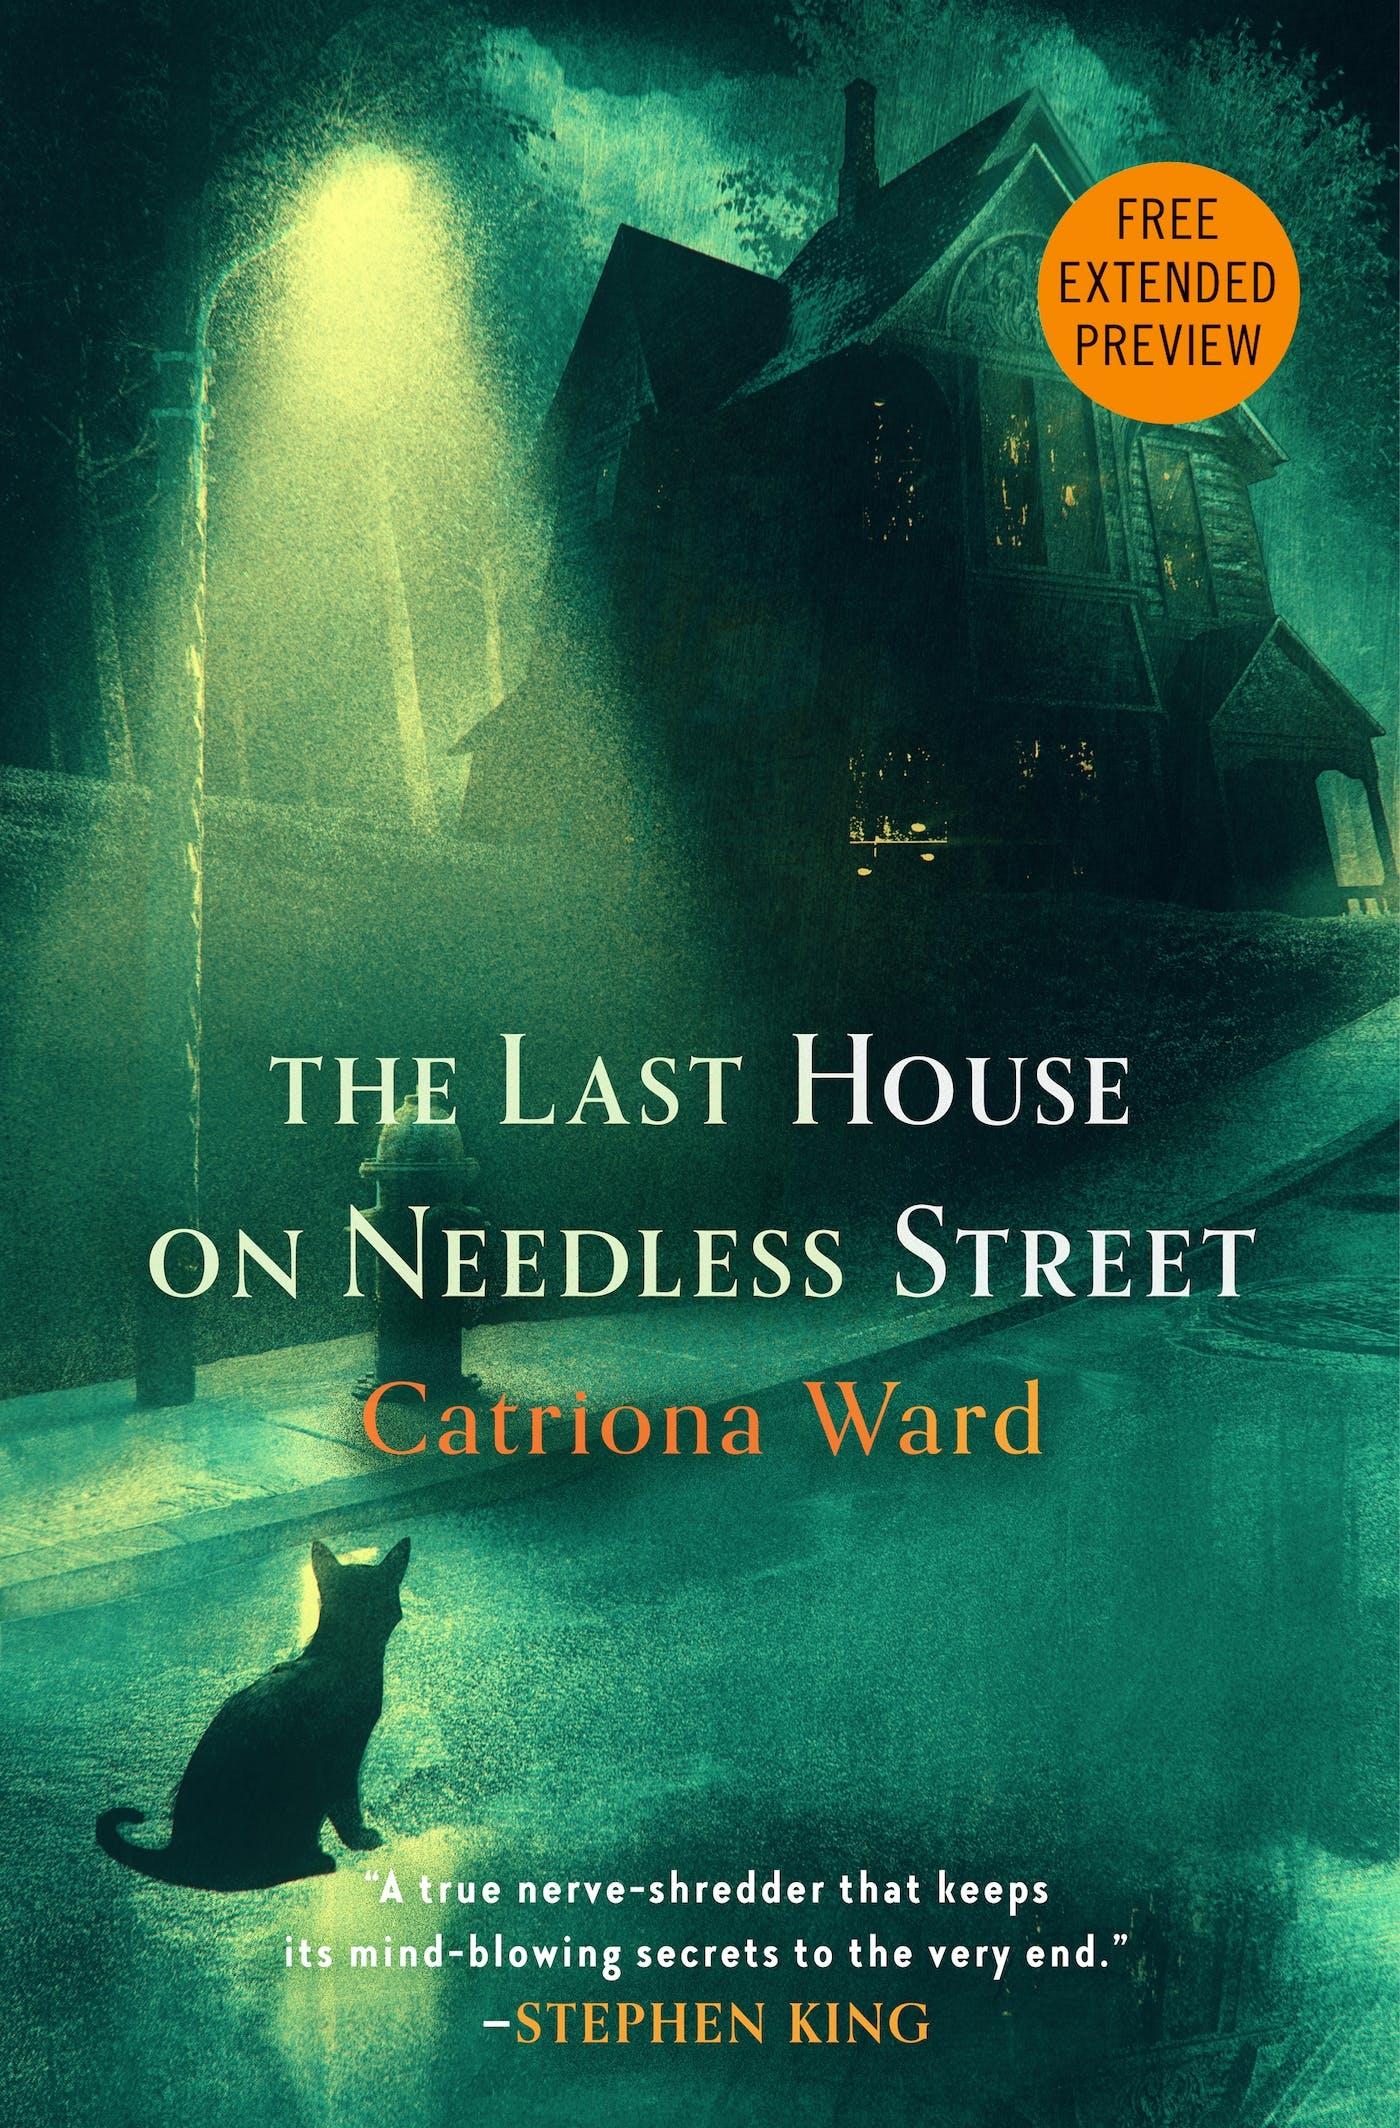 The Last House on Needless Street Sneak Peek by Catriona Ward